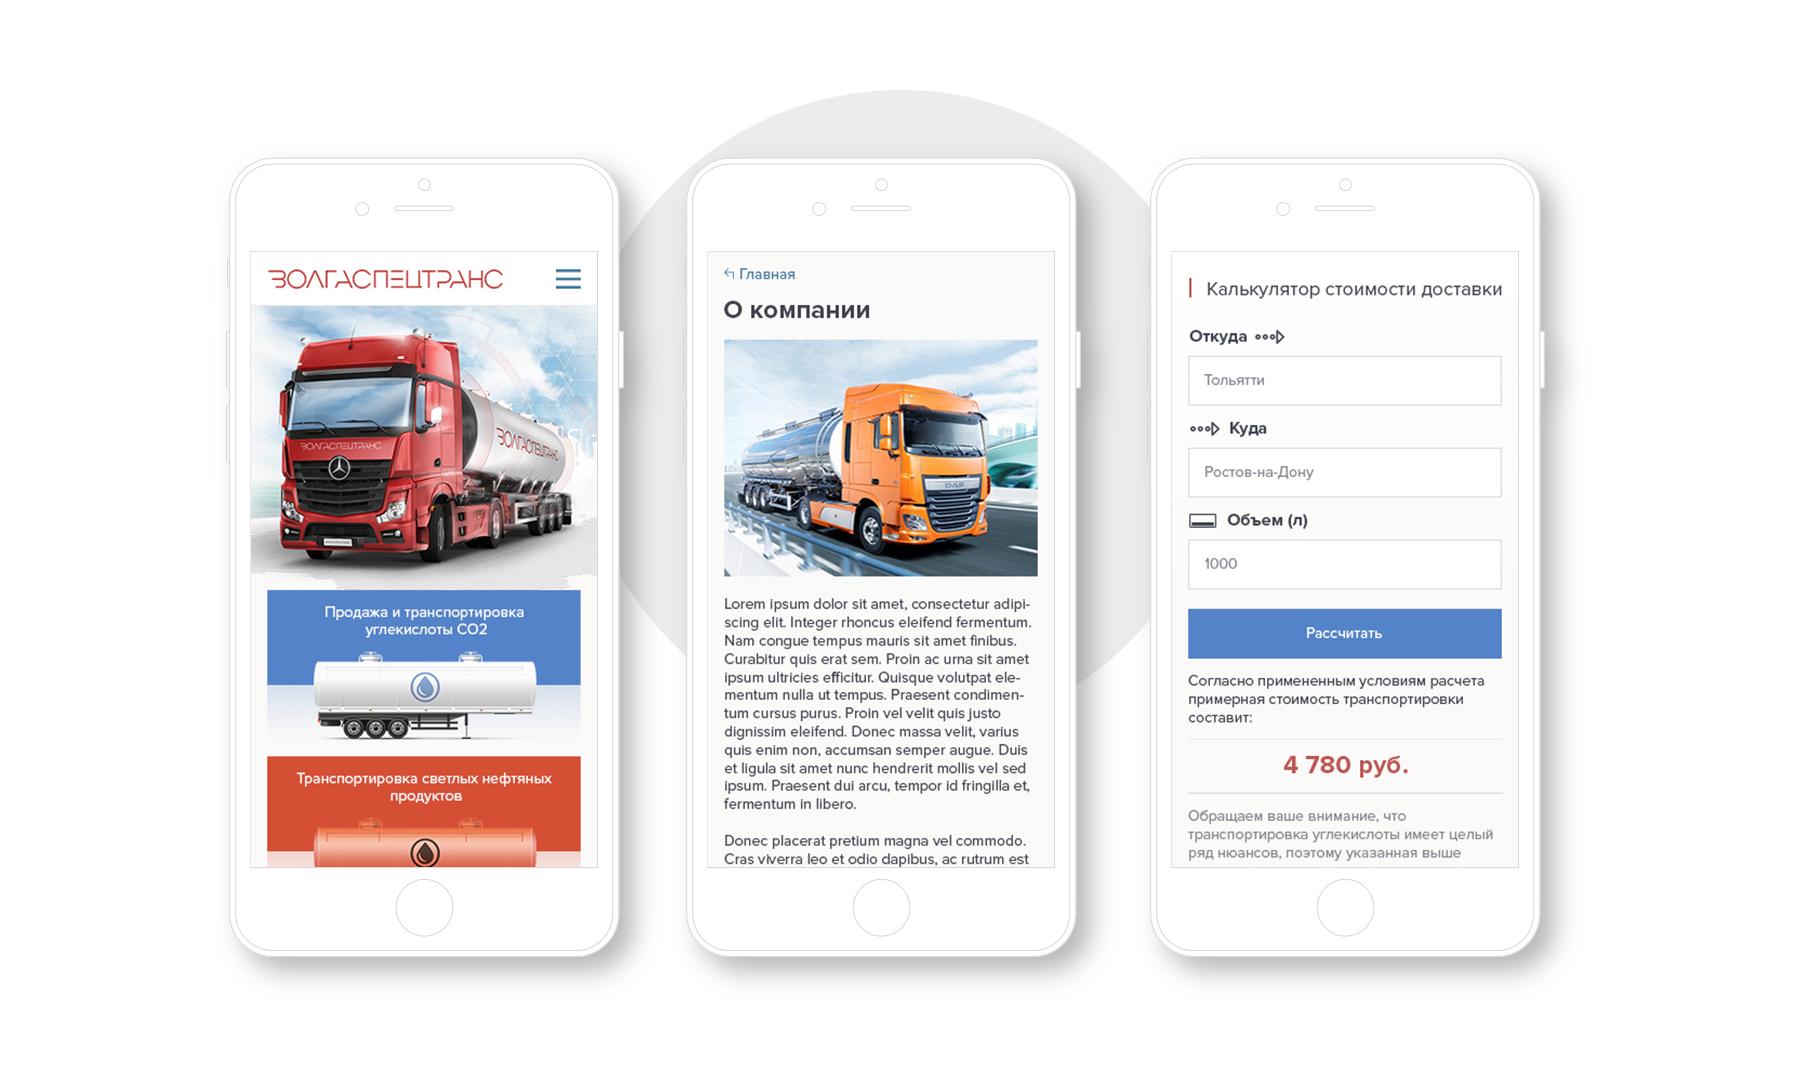 Мобильная версия сайта ВолгаСпецТранс